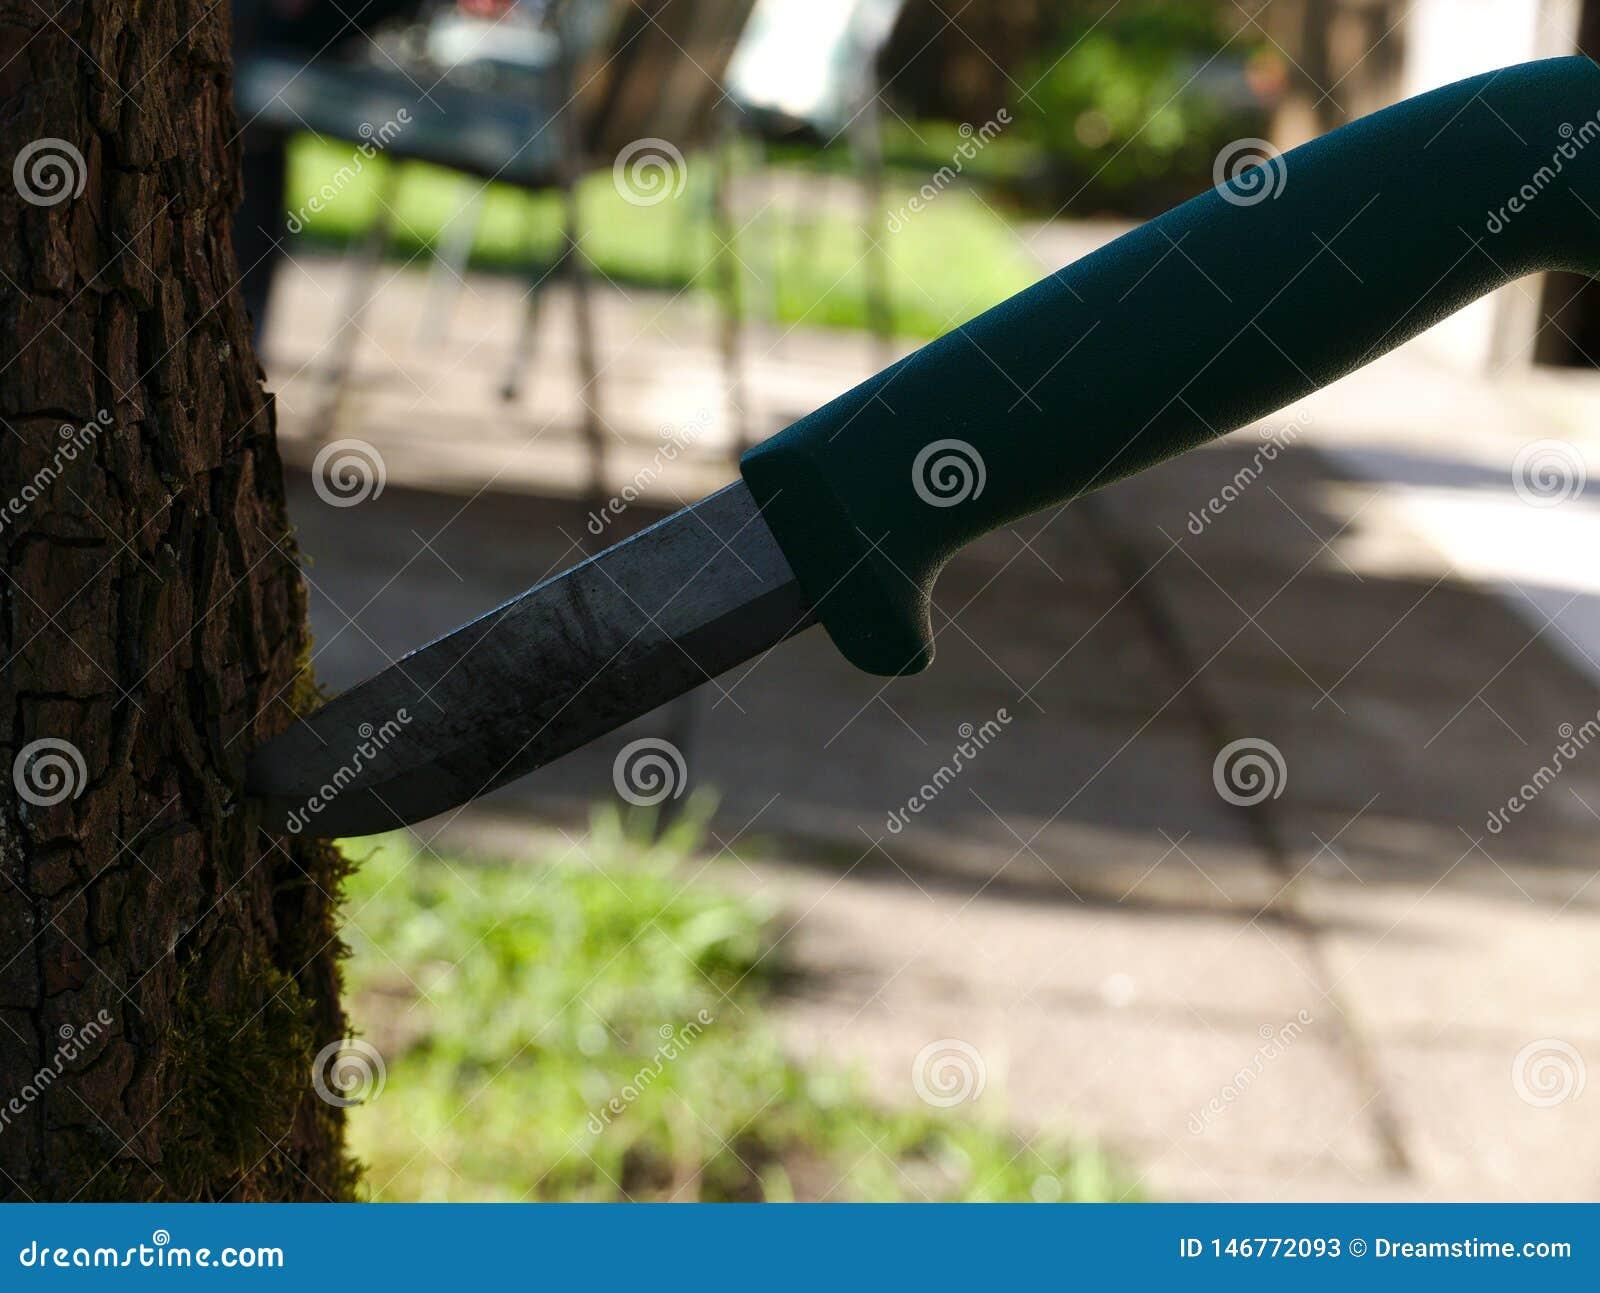 Una sopravvivenza e un coltello funzionante è nella corteccia di un albero